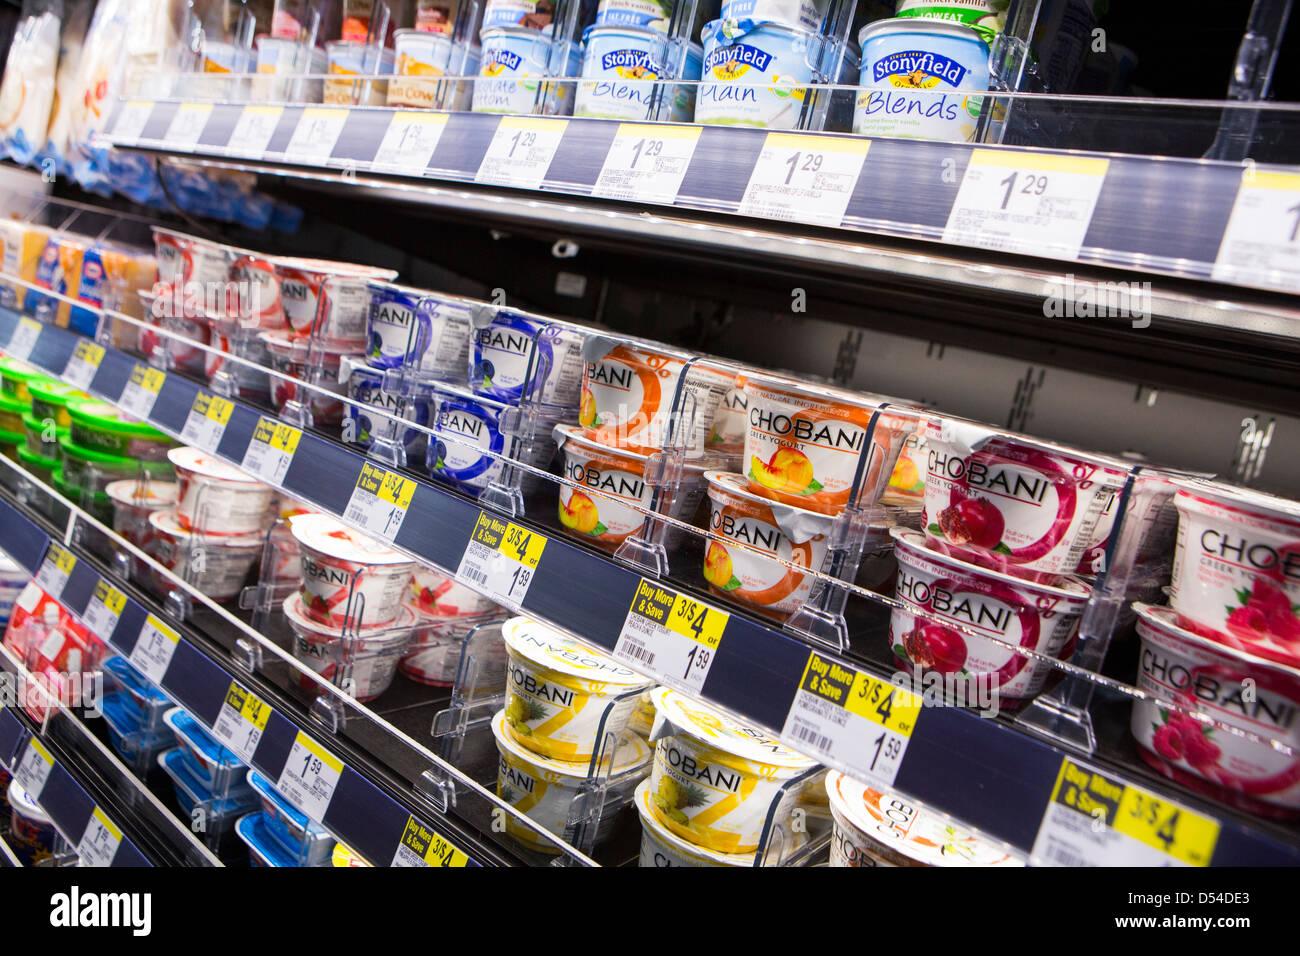 Yogurt e altri prodotti caseari sul visualizzatore in corrispondenza di un Walgreens flagship store. Immagini Stock